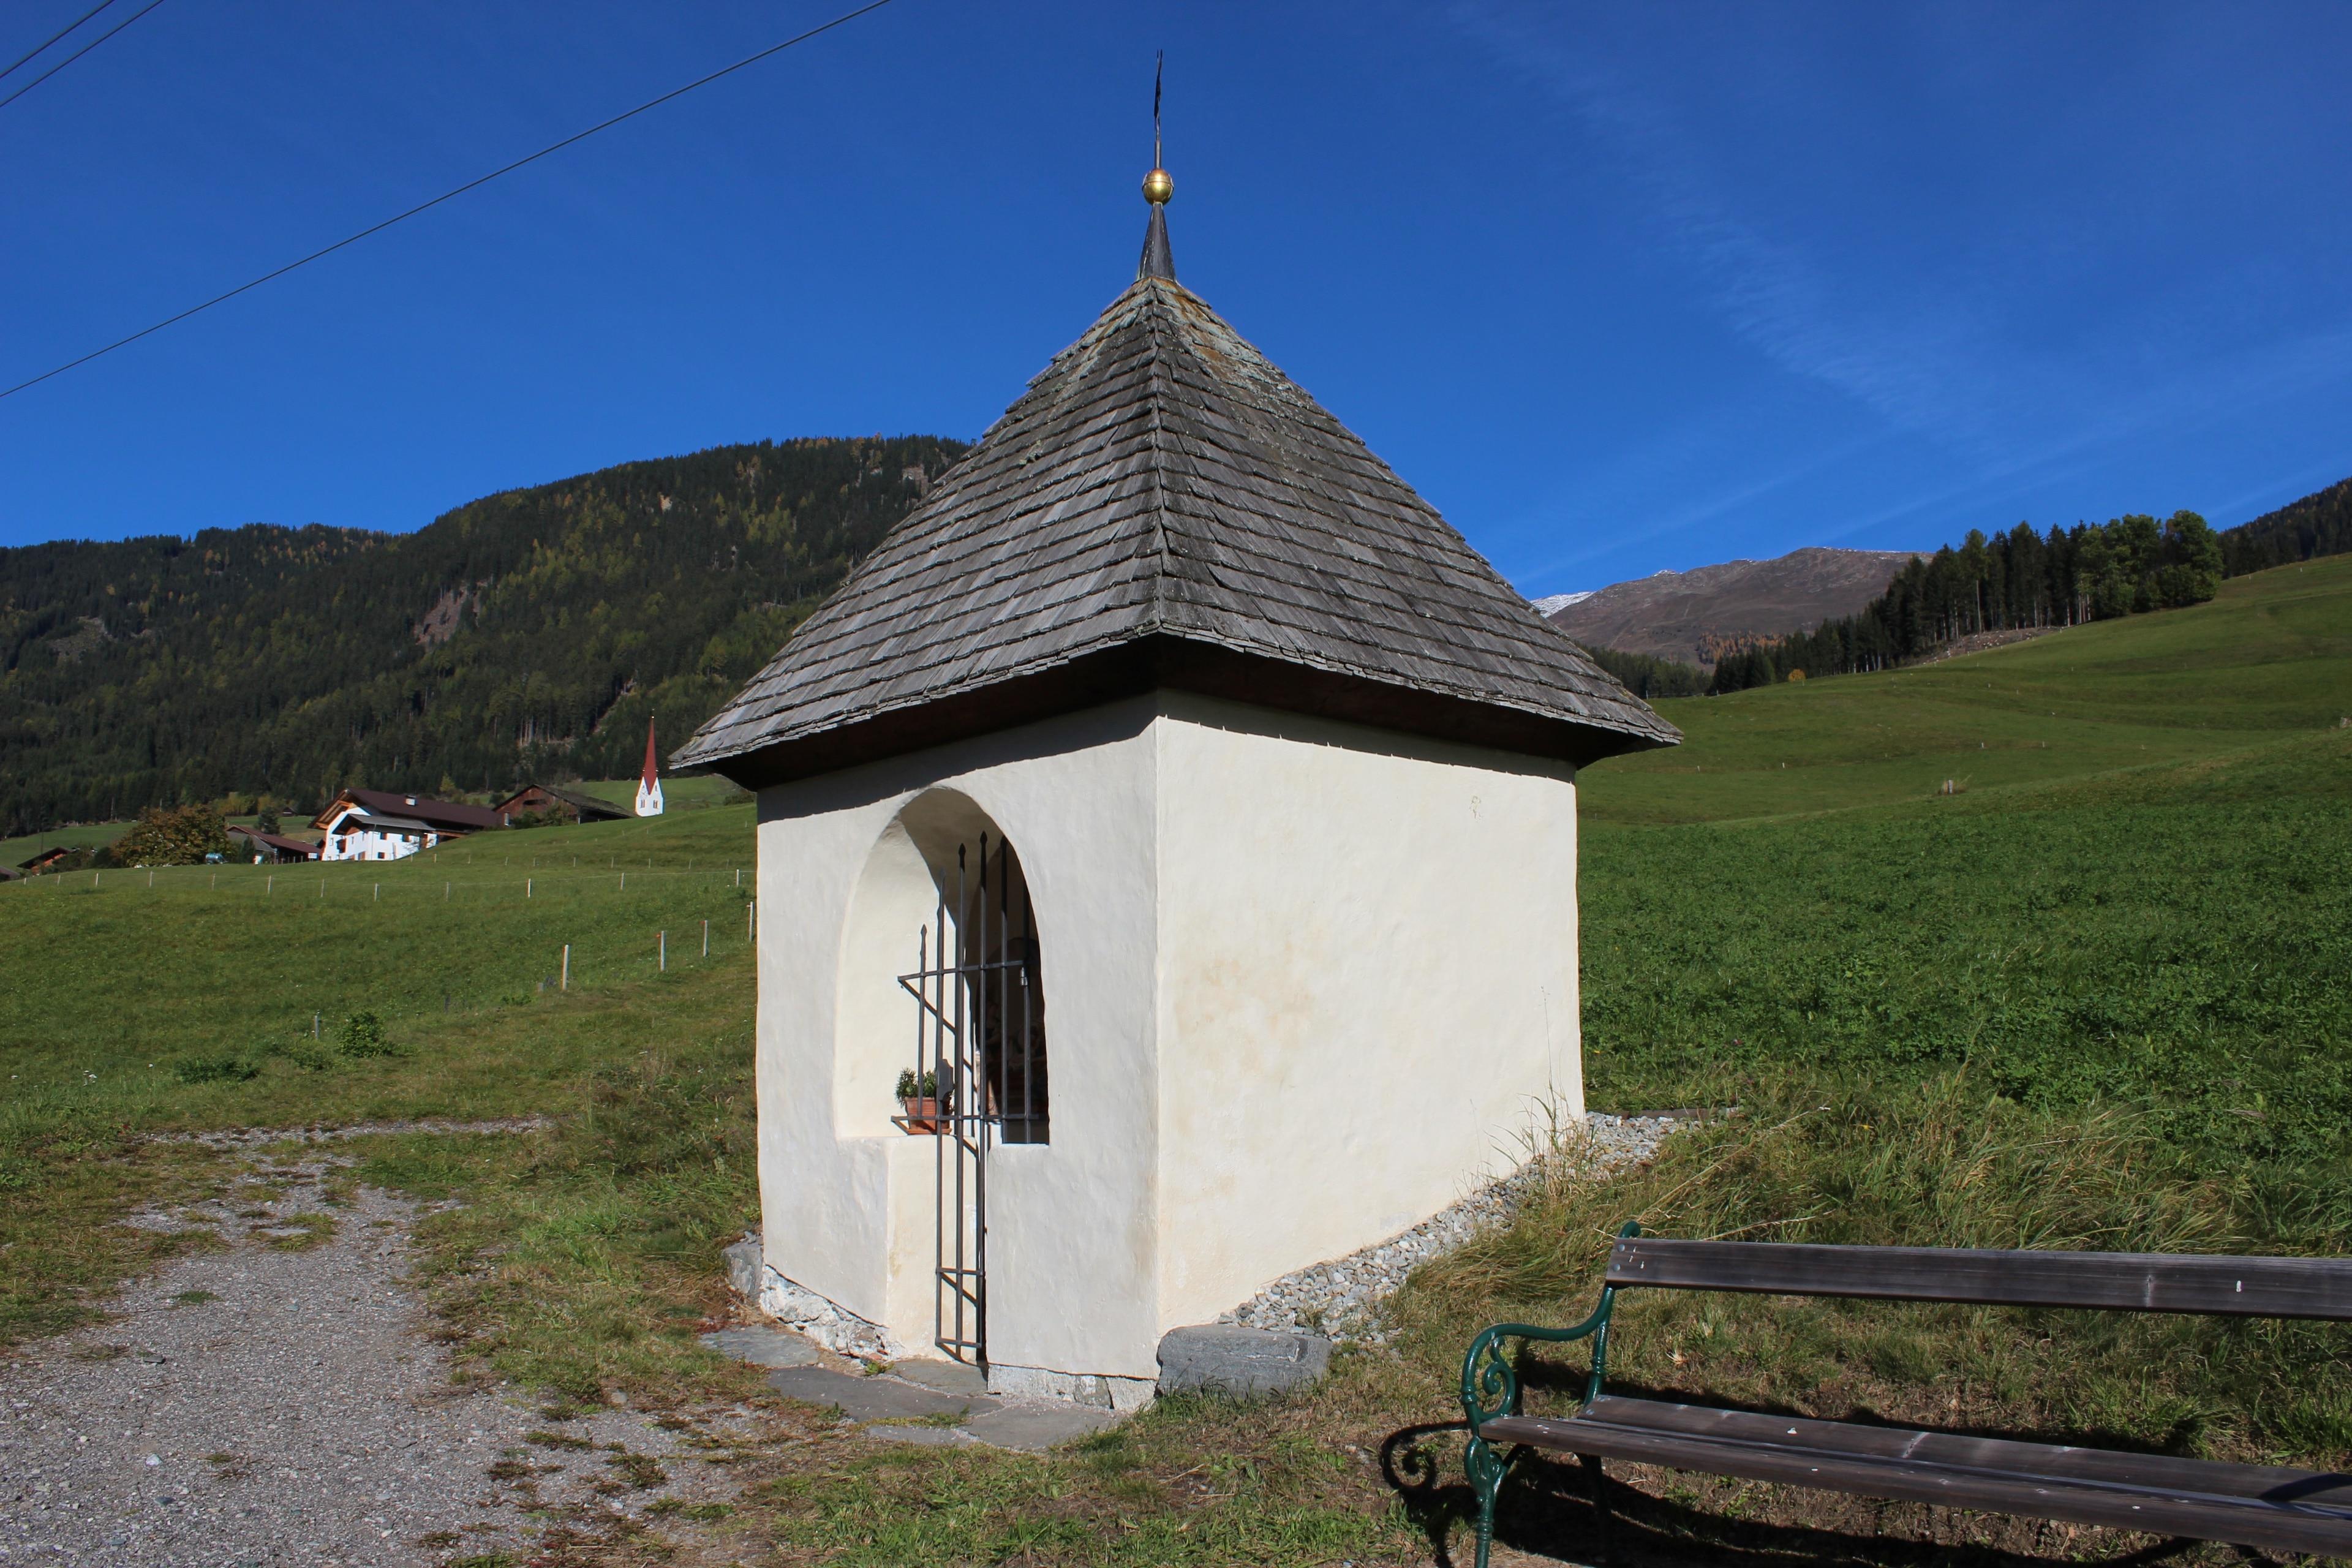 Abfaltersbach, Tyrol, Austria